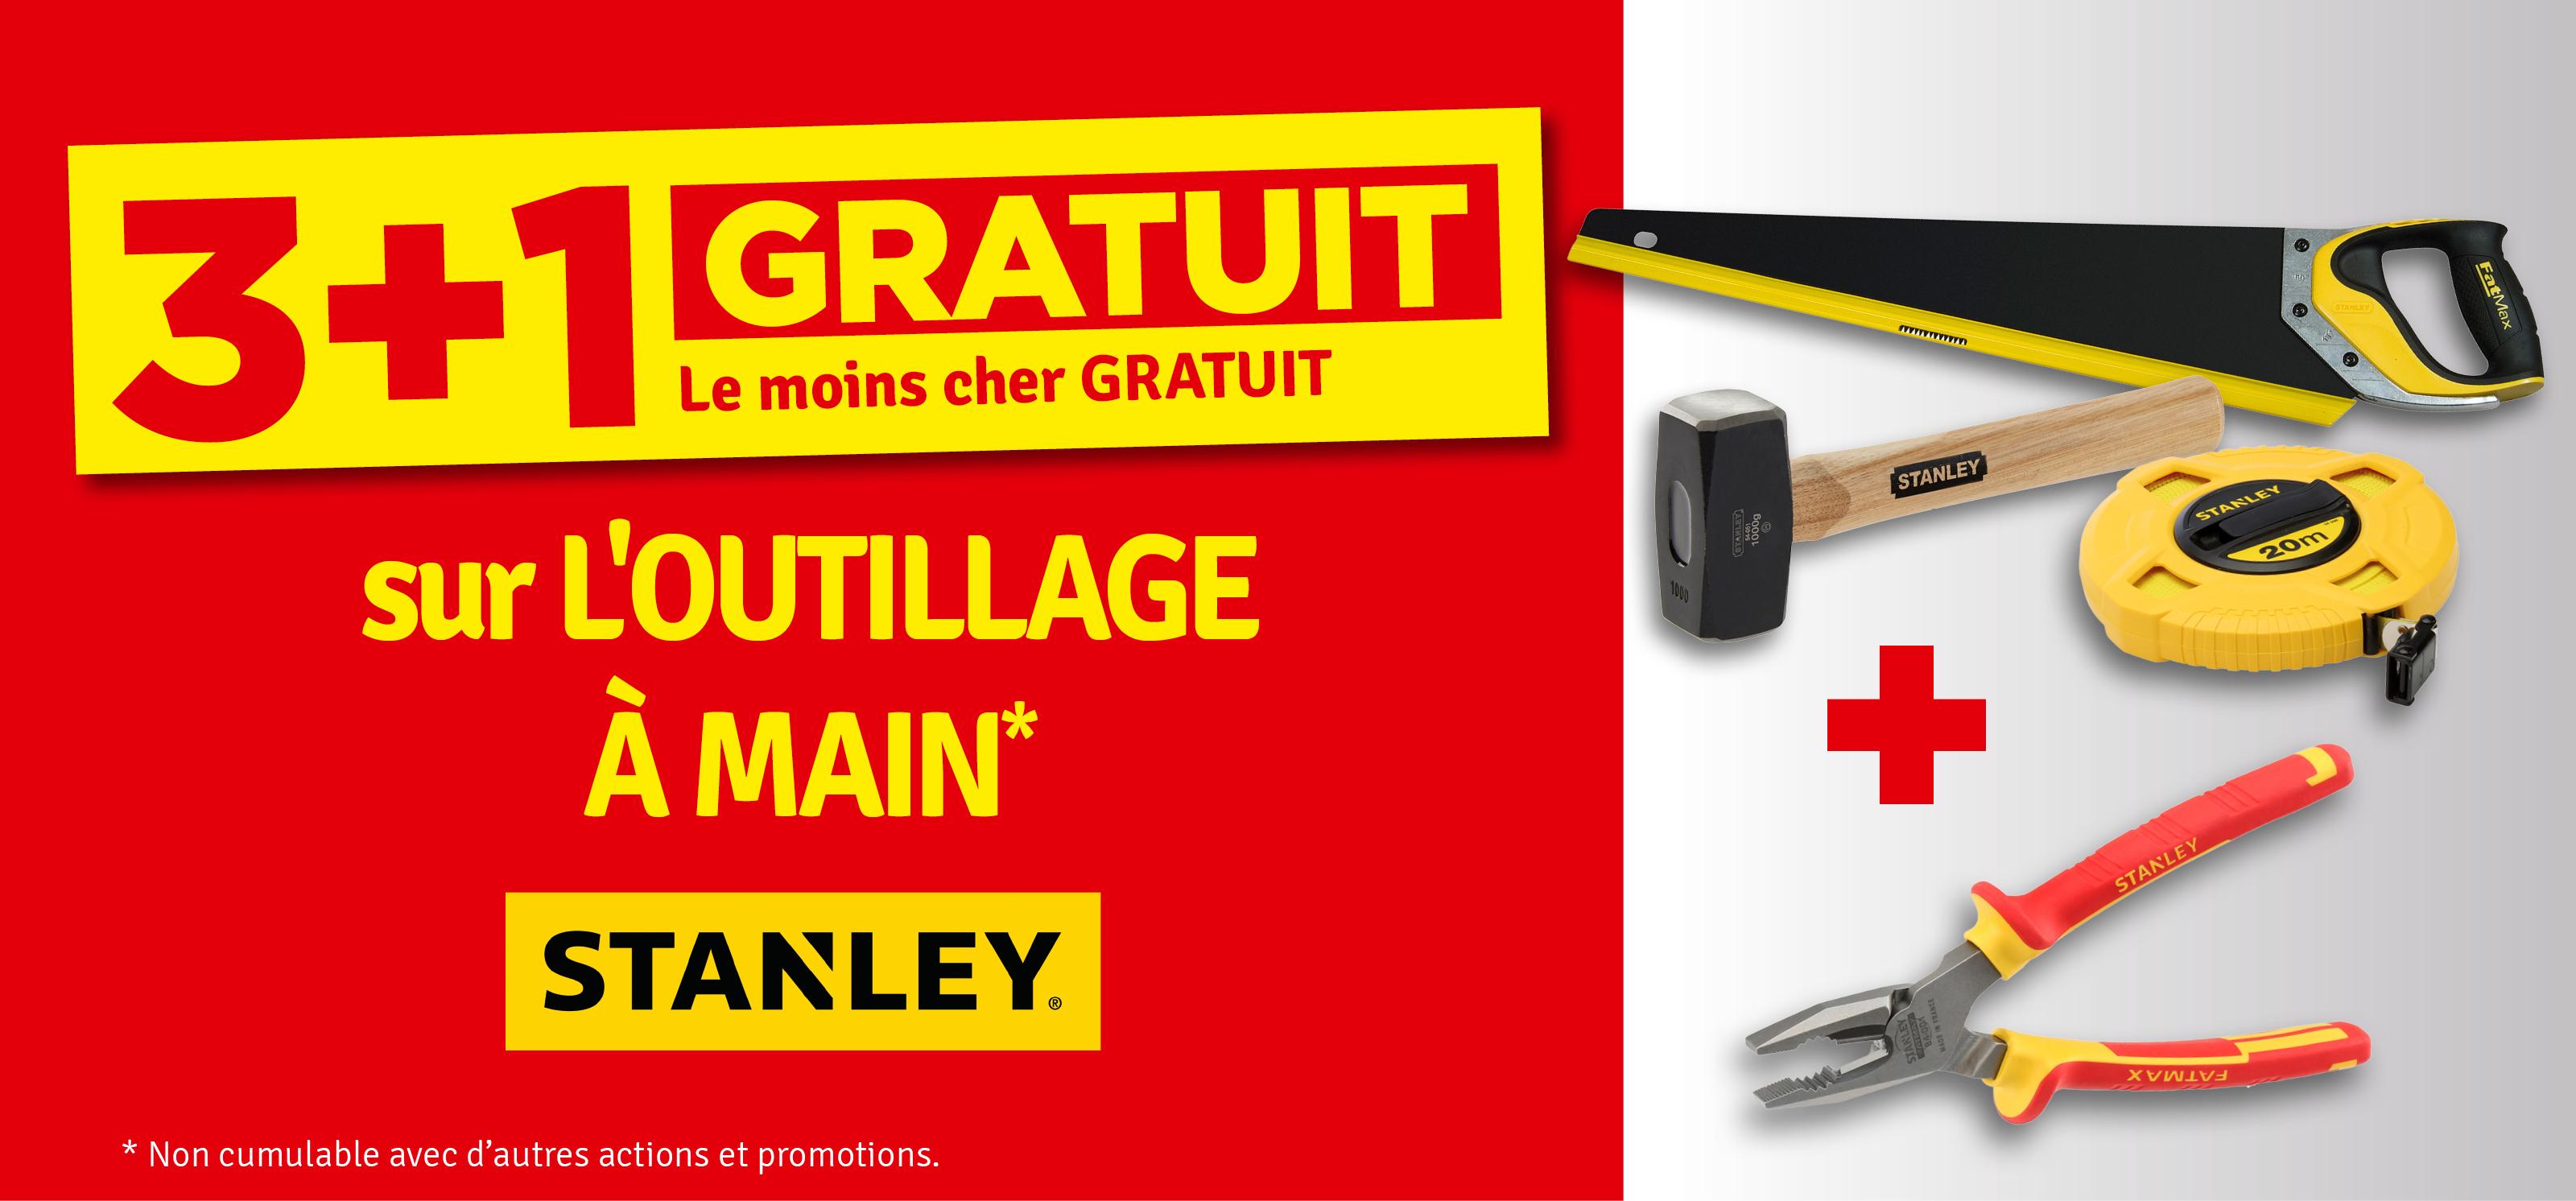 Promo - 3+1 gratuit Outillage à mains STANLEY